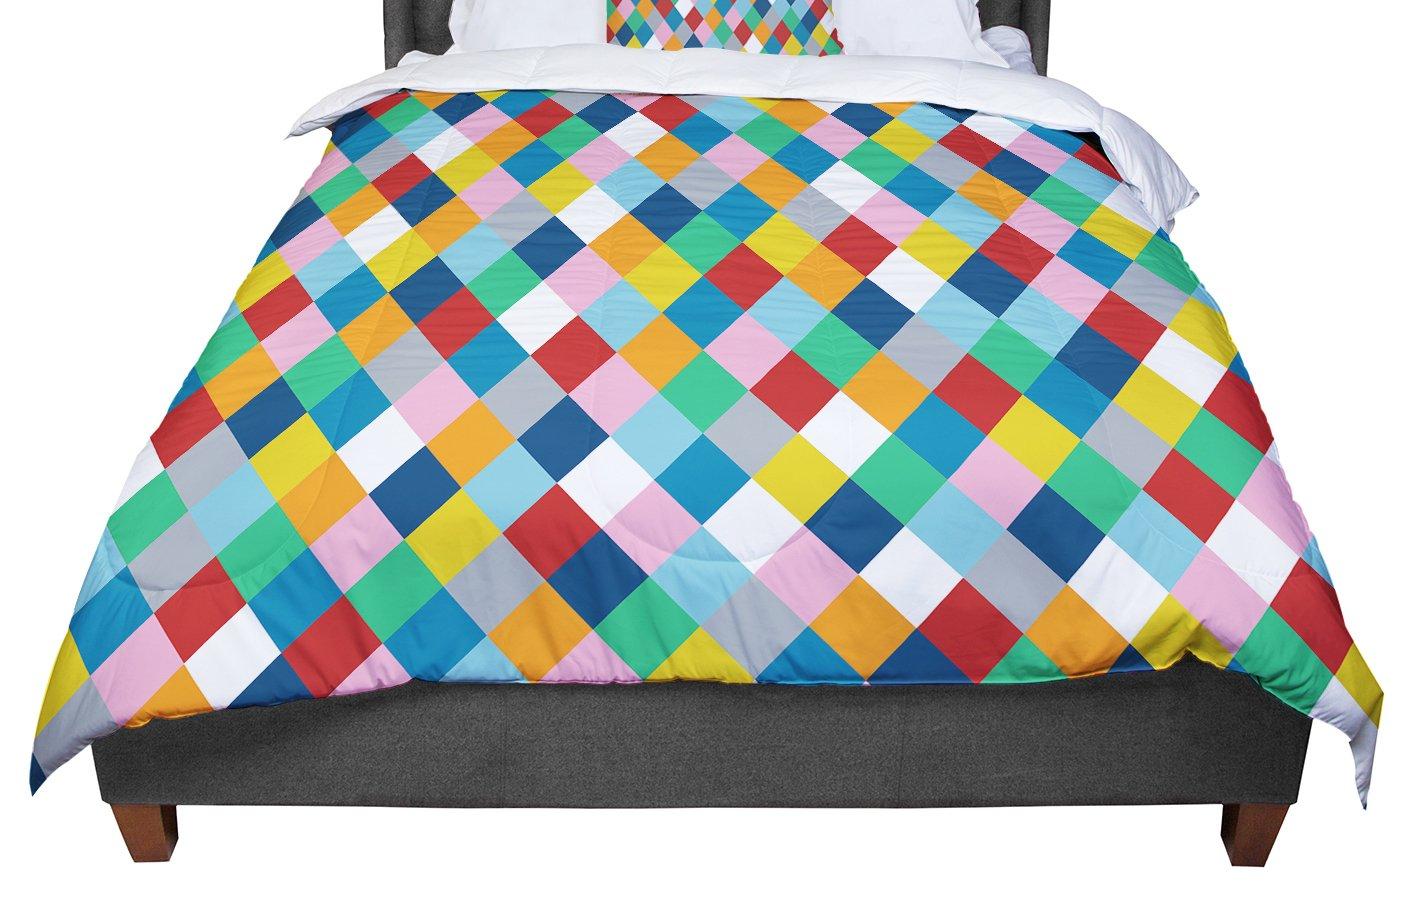 KESS InHouse Project M Harlequin Zoom Queen Comforter 88 X 88